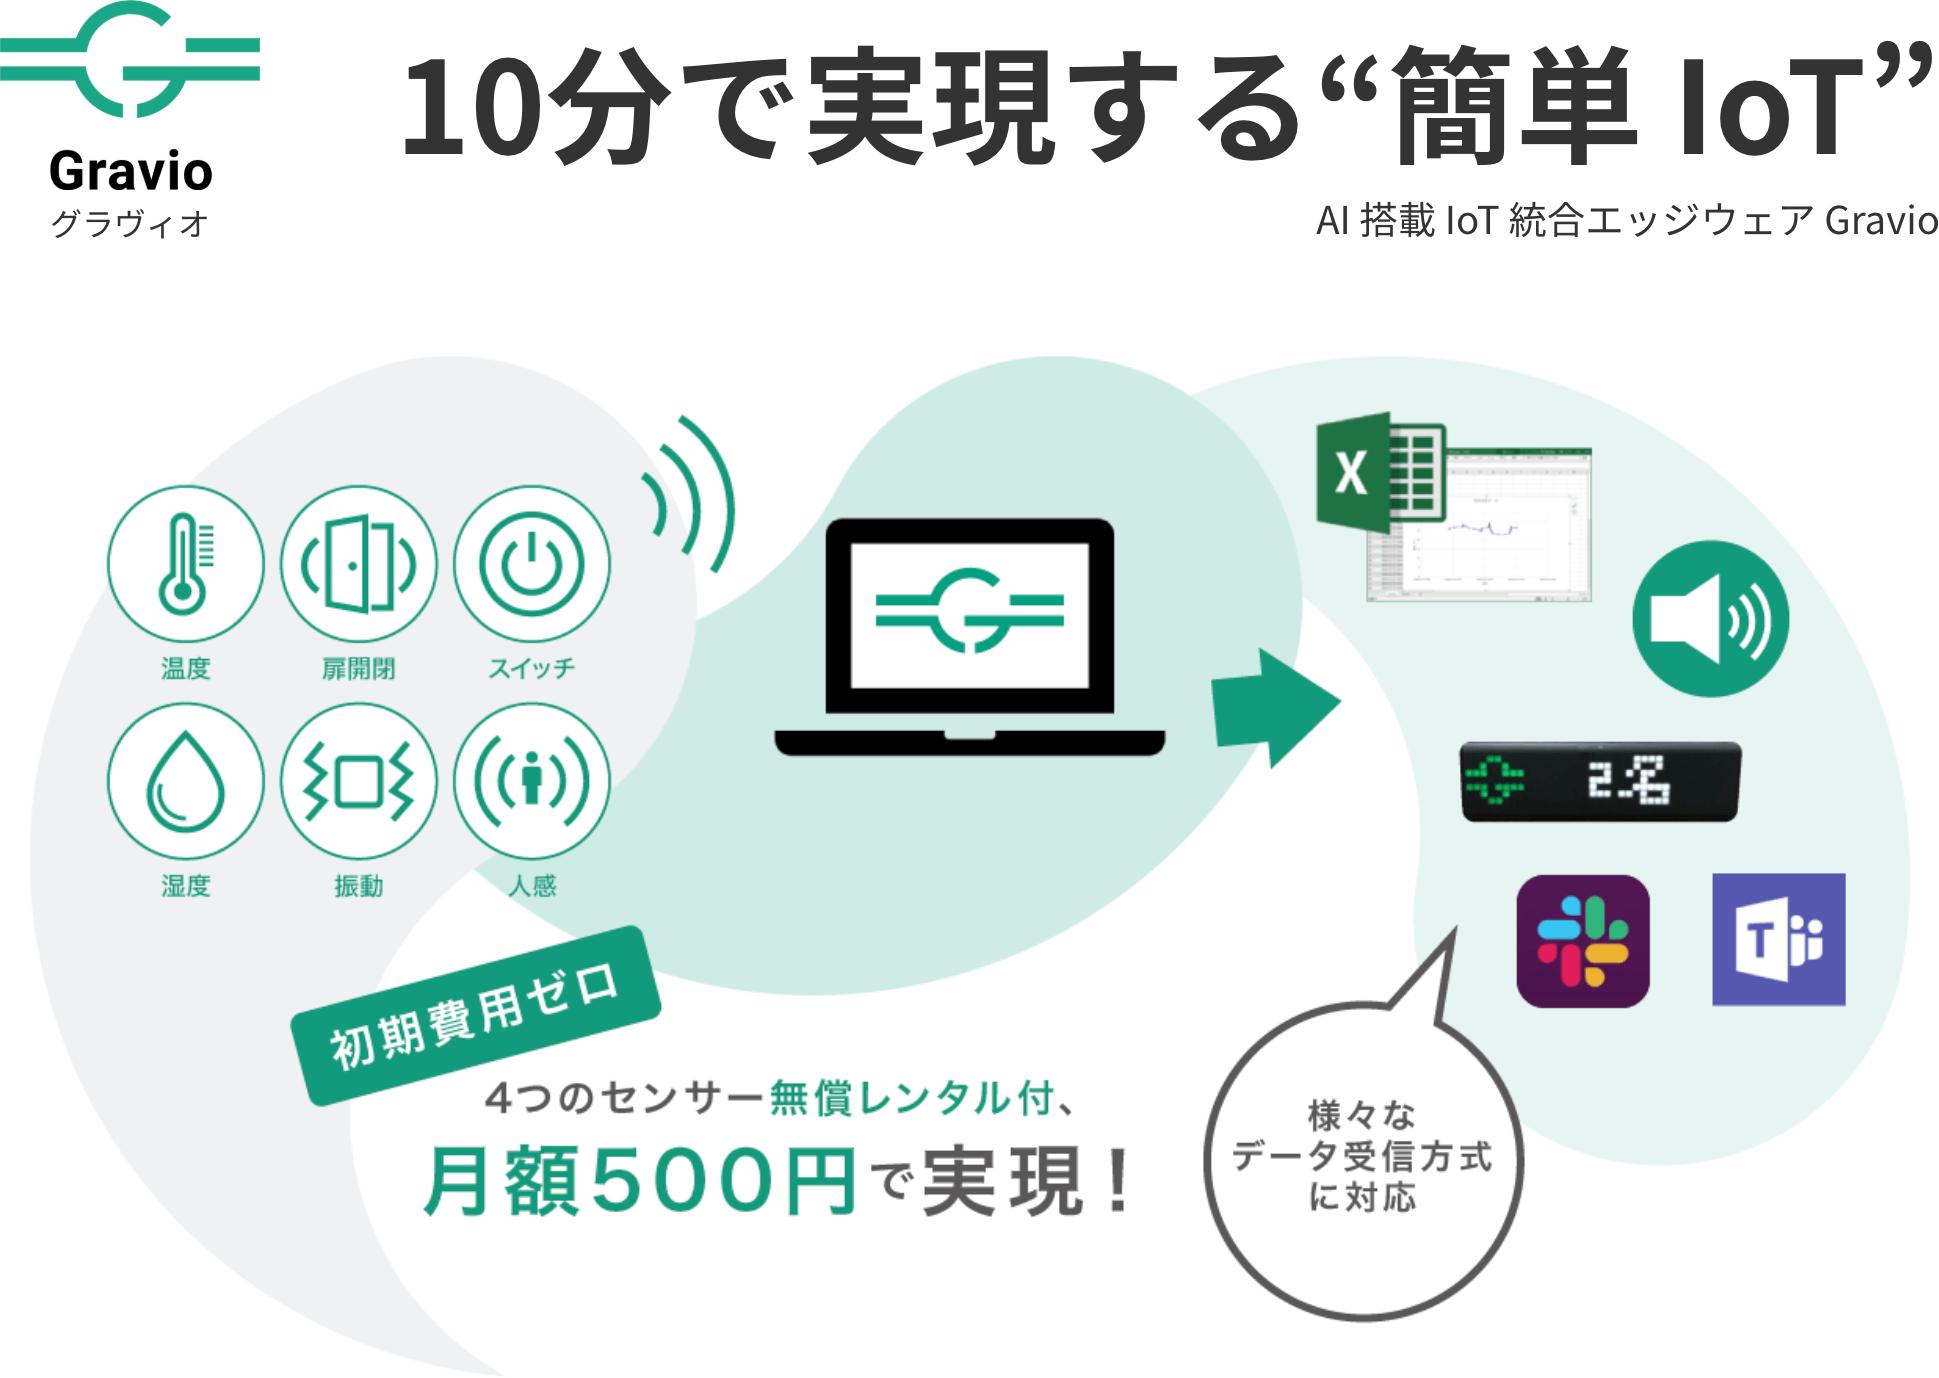 """10分で実現する""""簡単 IoT"""" AI 搭載 IoT 統合エッジウェア Gravio"""